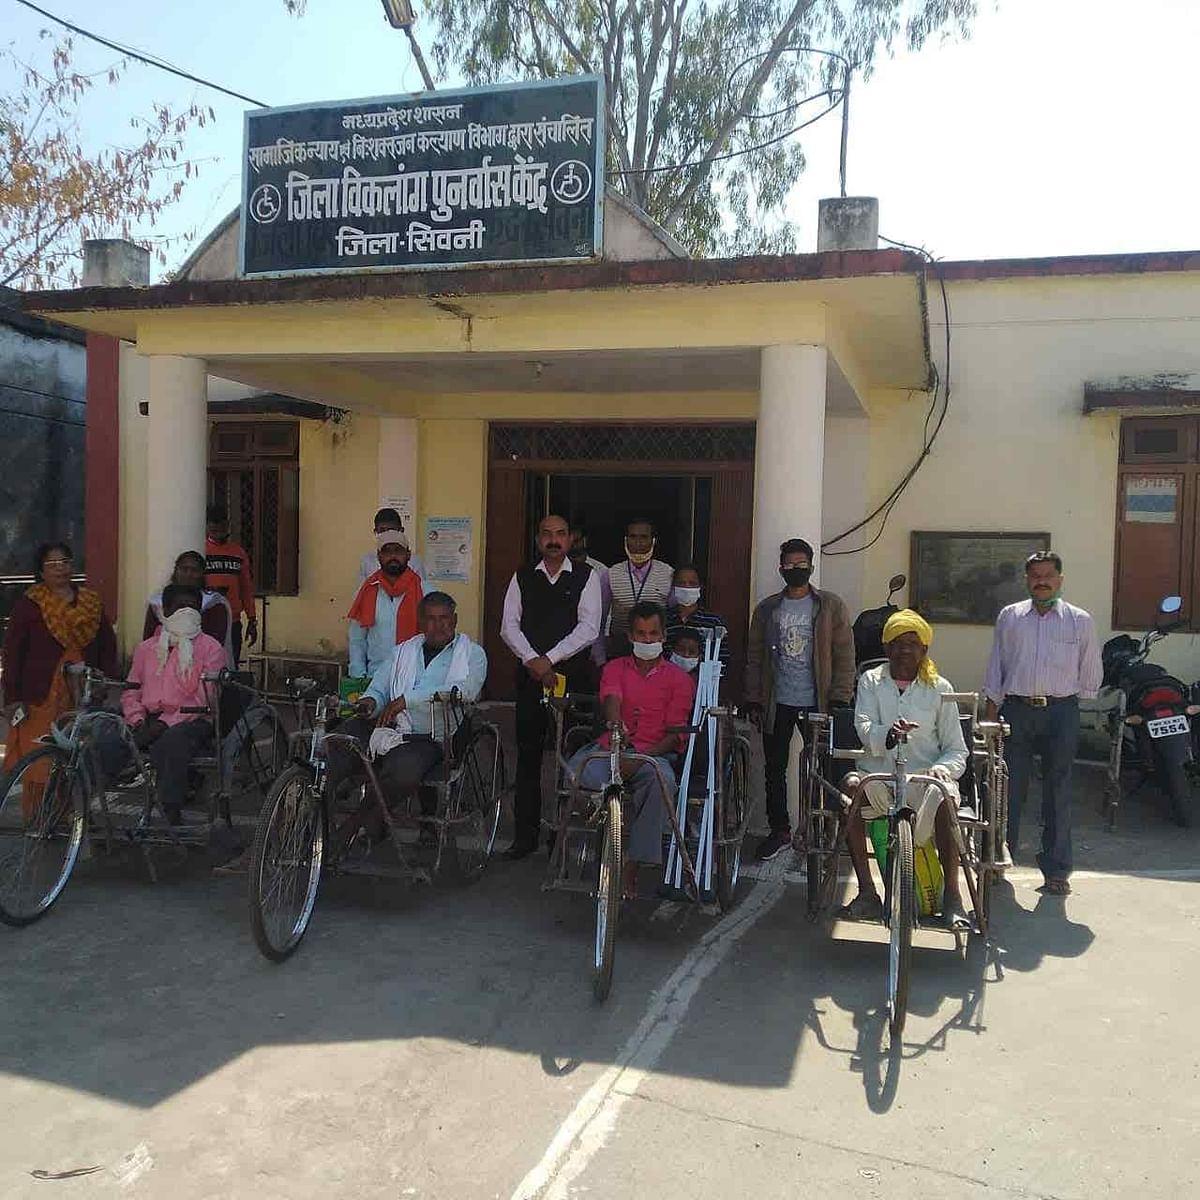 सिवनीः जनसुनवाई में आए दिव्यांग ट्रायसायकल पाकर हुए प्रसन्न